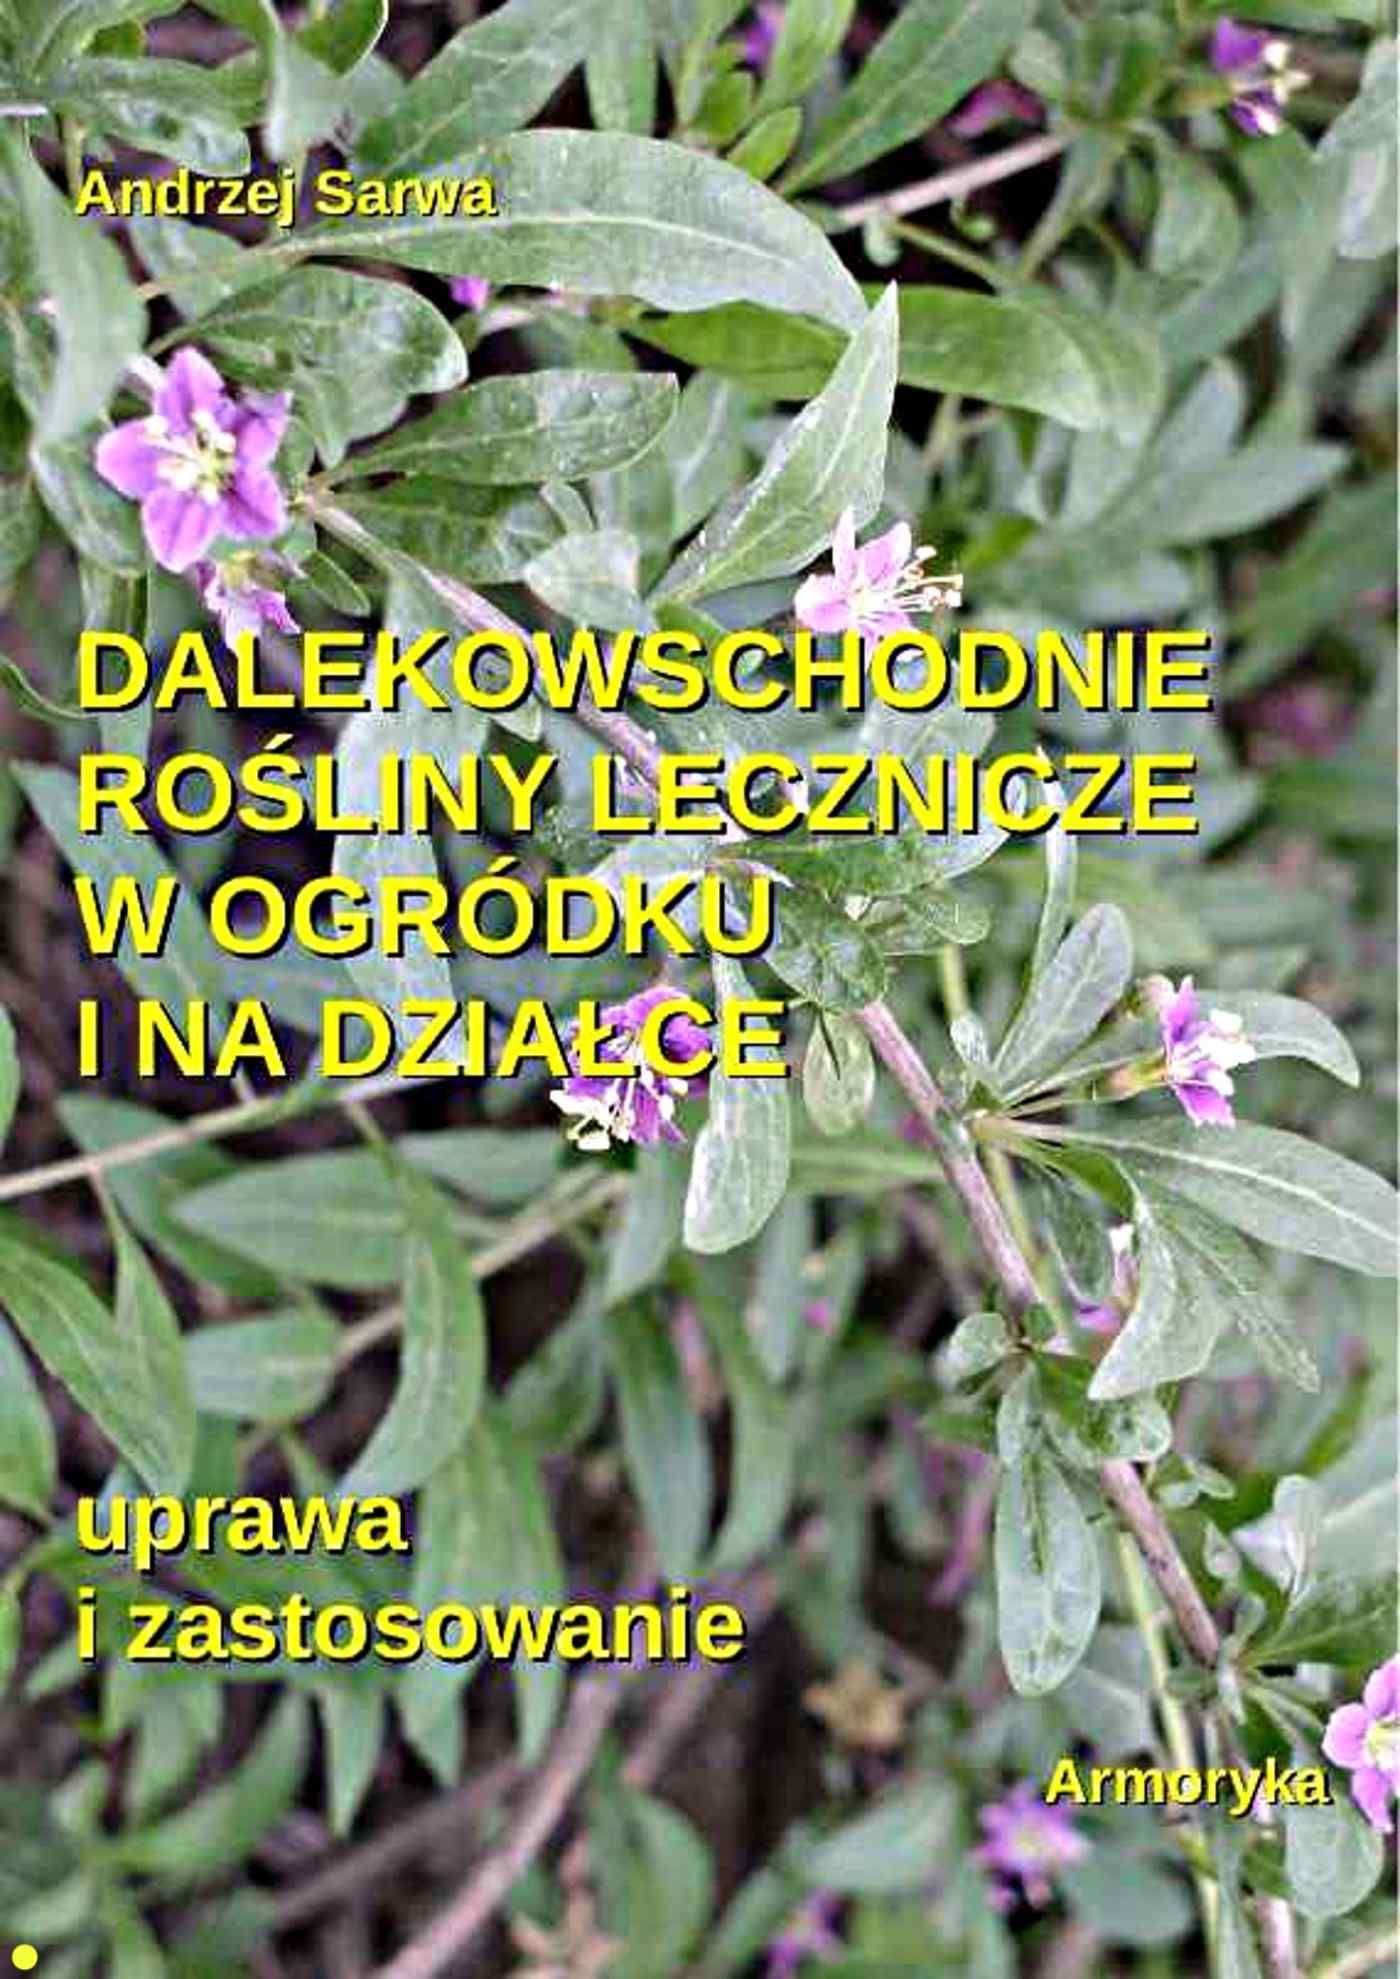 Dalekowschodnie rośliny lecznicze w ogródku i na działce - Ebook (Książka EPUB) do pobrania w formacie EPUB